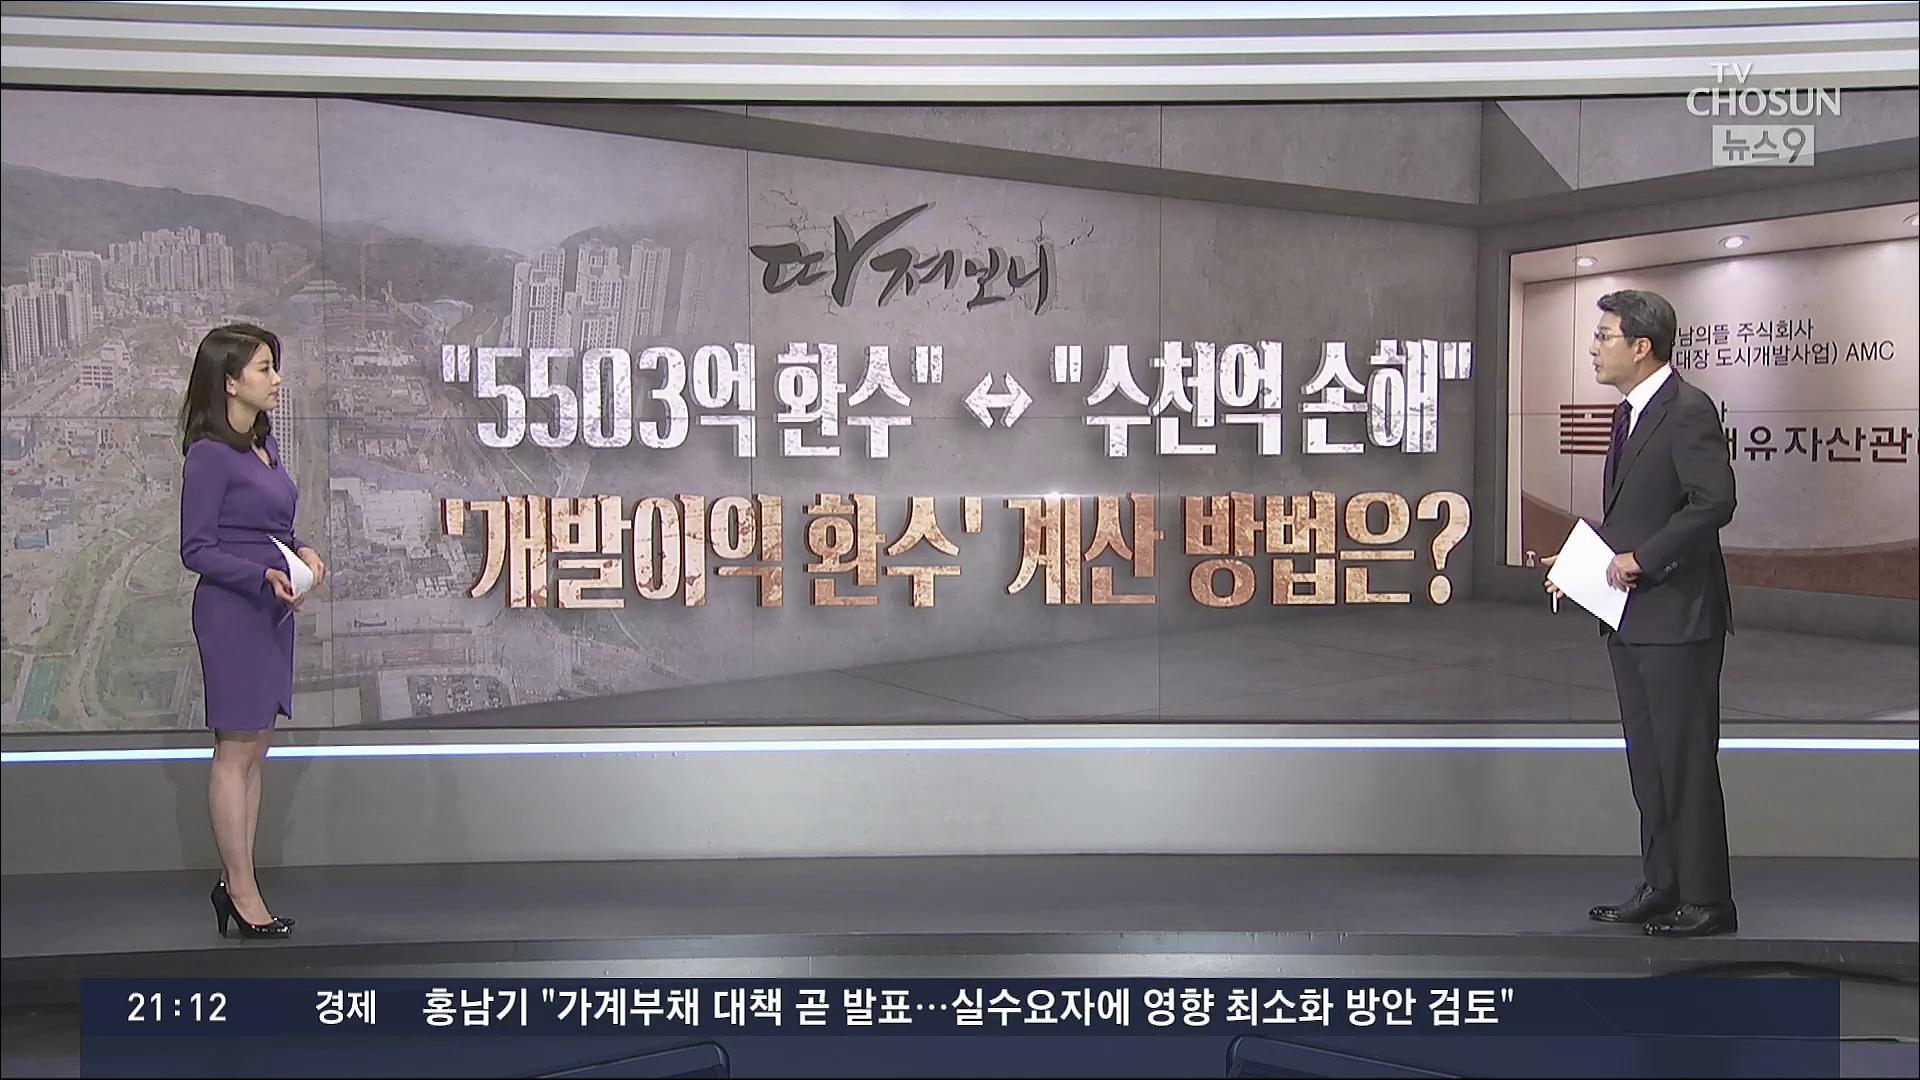 [따져보니] 李 '5503억 환수' vs 檢 '수천억 손해'…판단 근거는